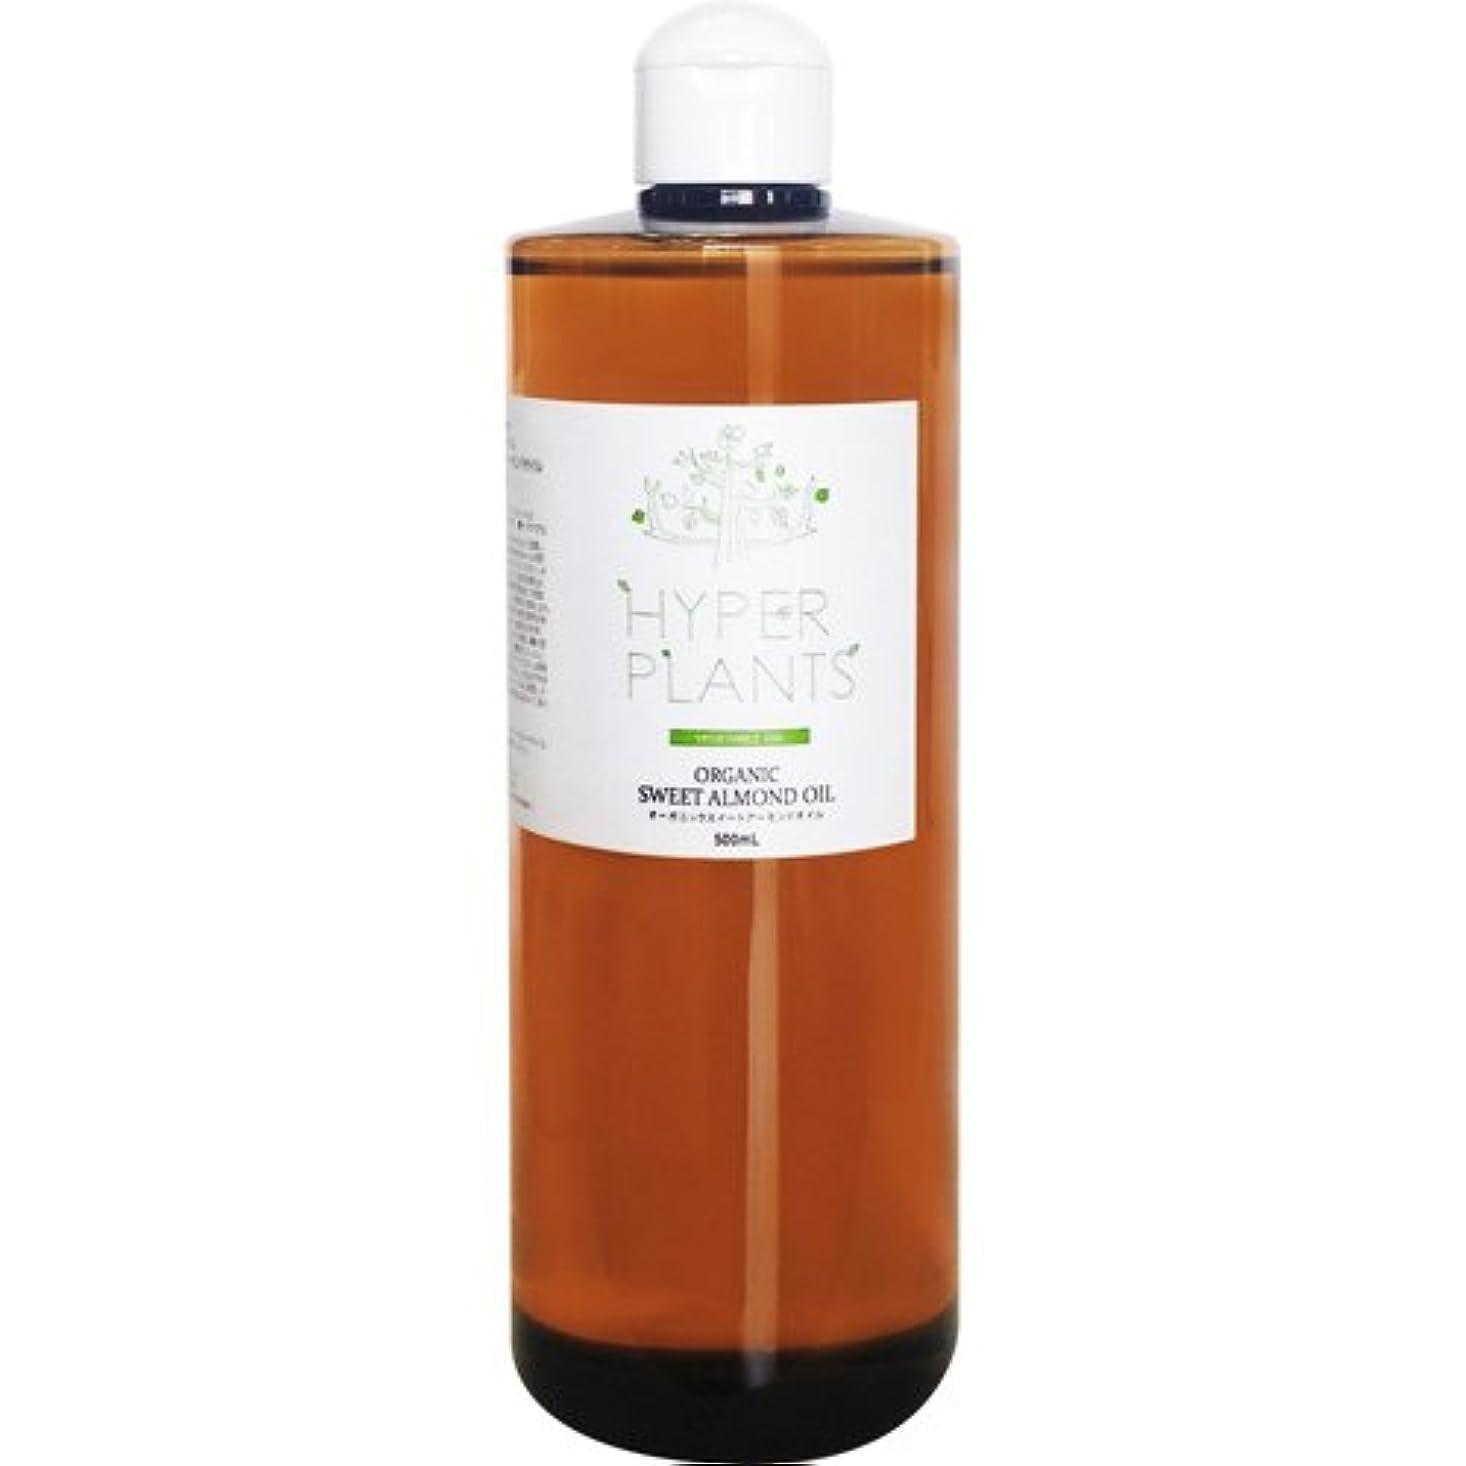 型修羅場呼吸するHYPER PLANTS ハイパープランツ キャリアオイル オーガニックスイートアーモンドオイル 500ml HVG055